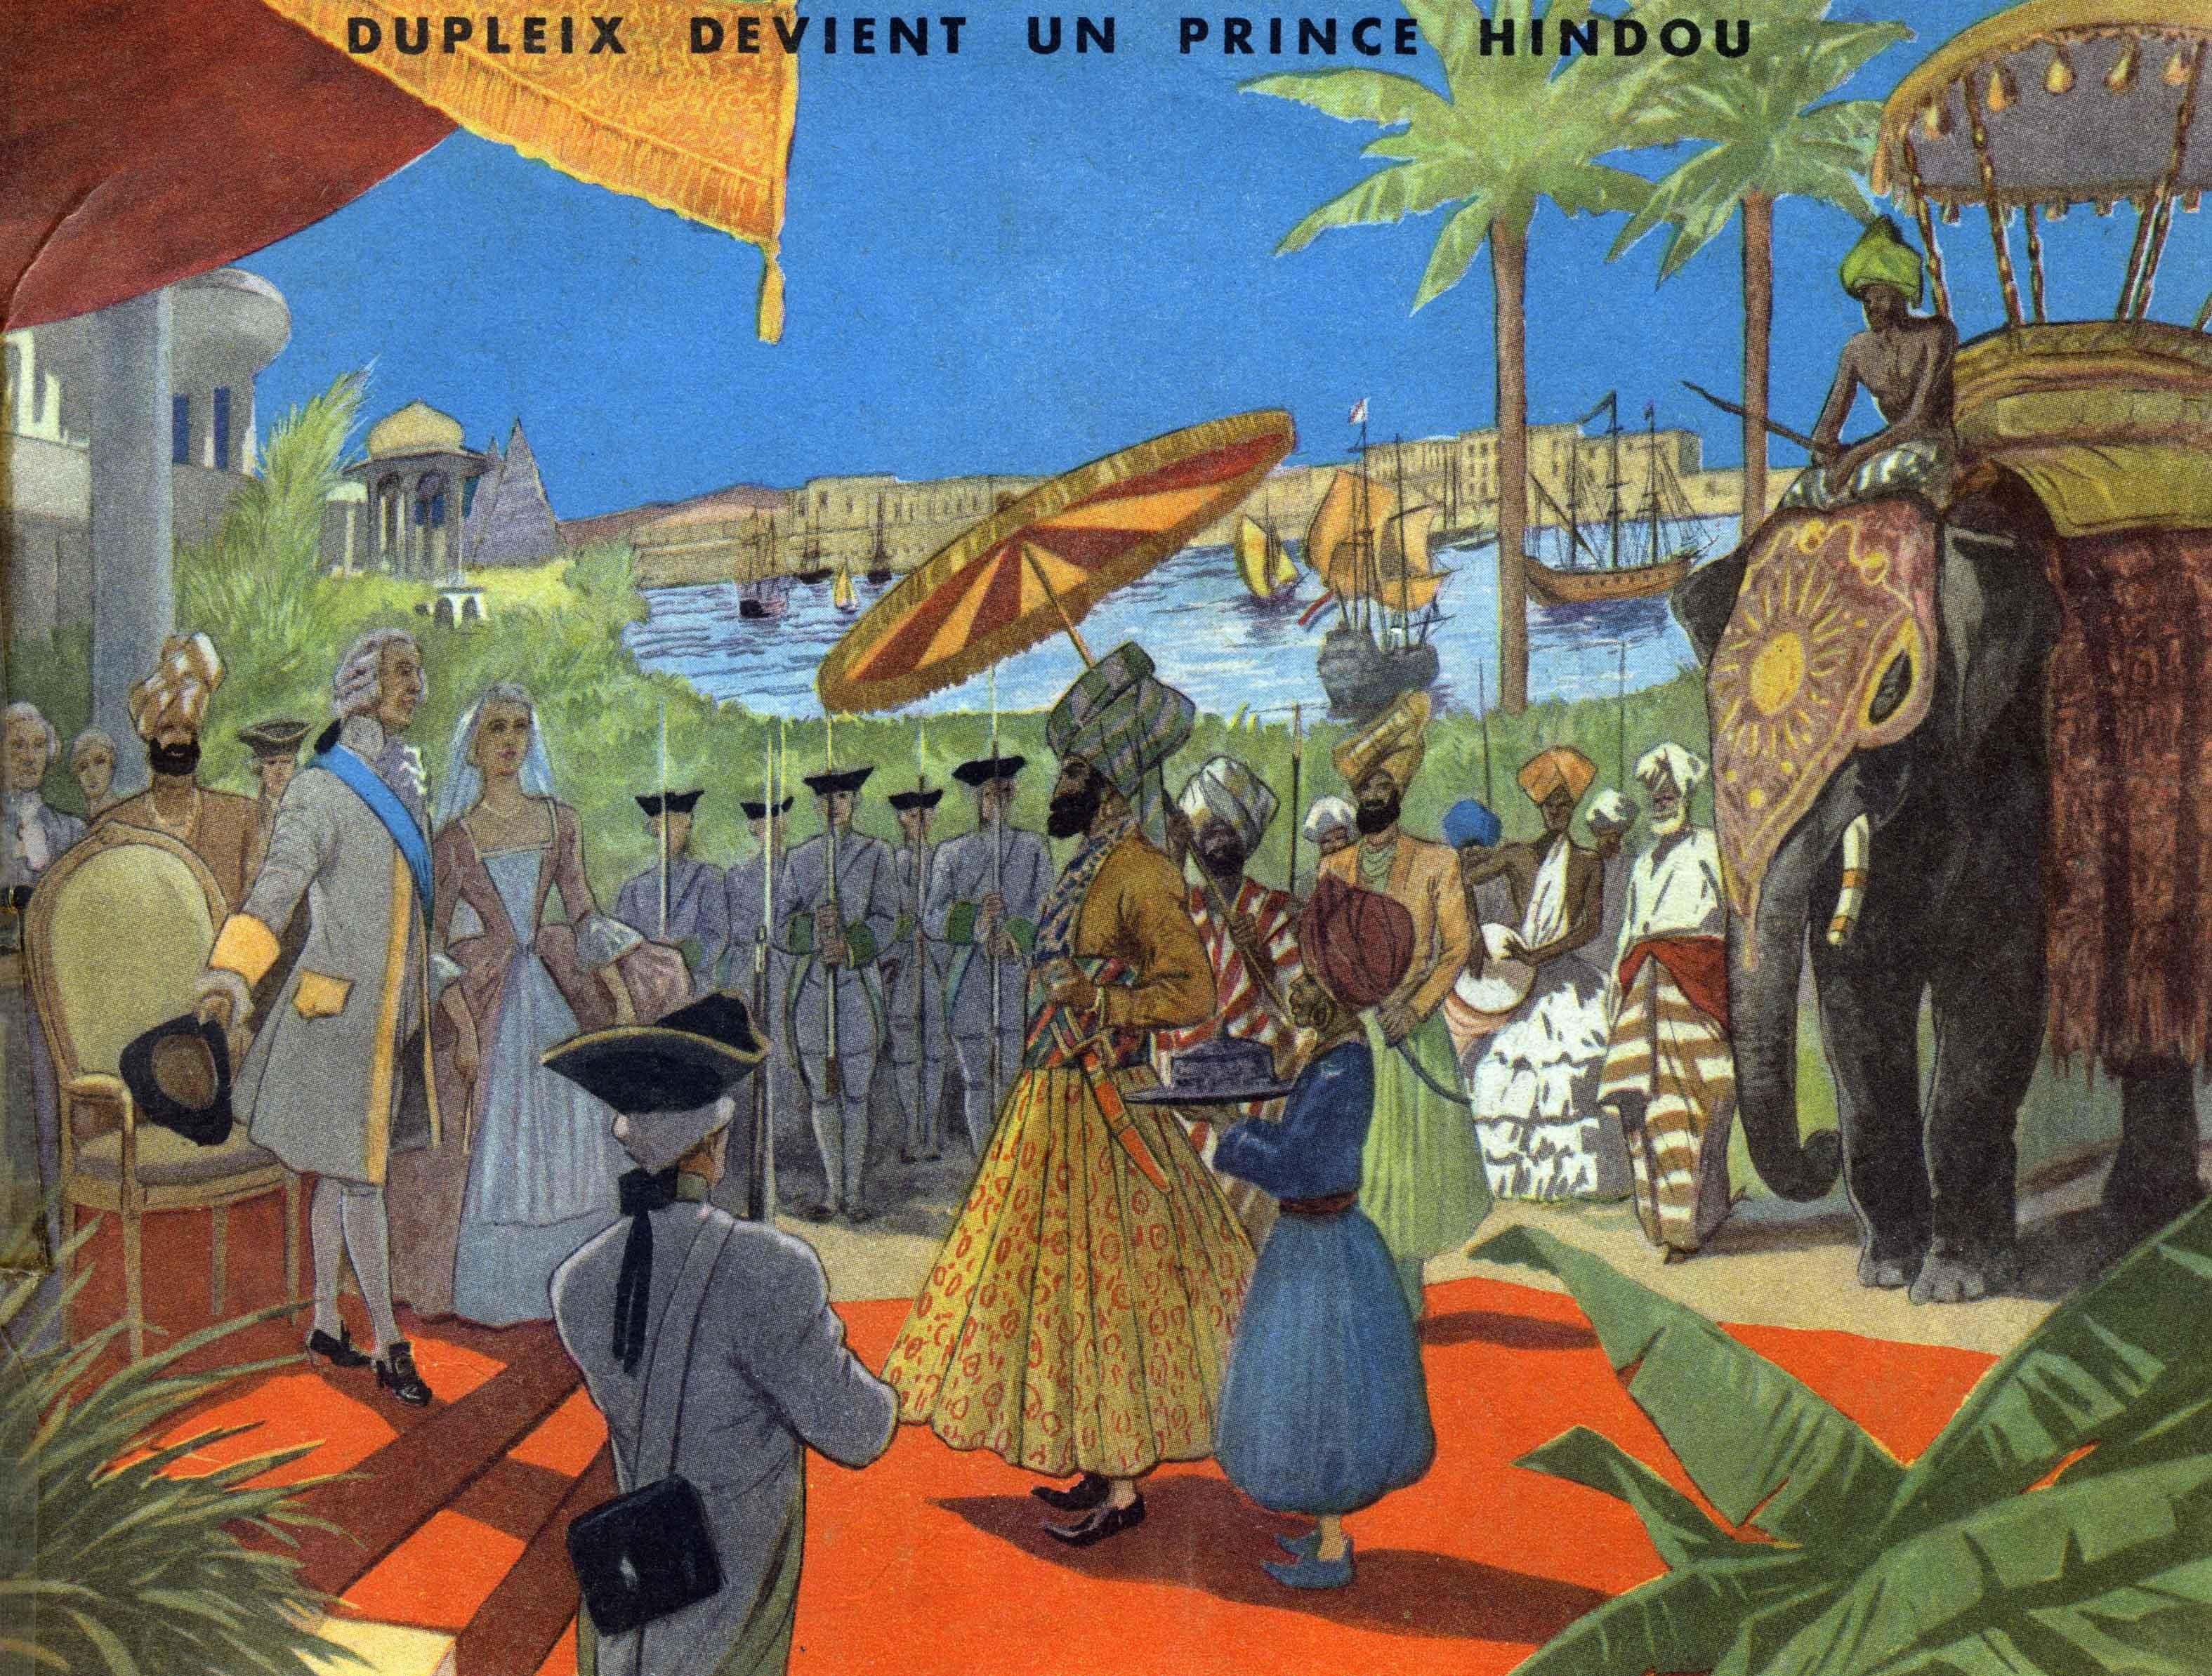 45 dupleix devient un prince hindou